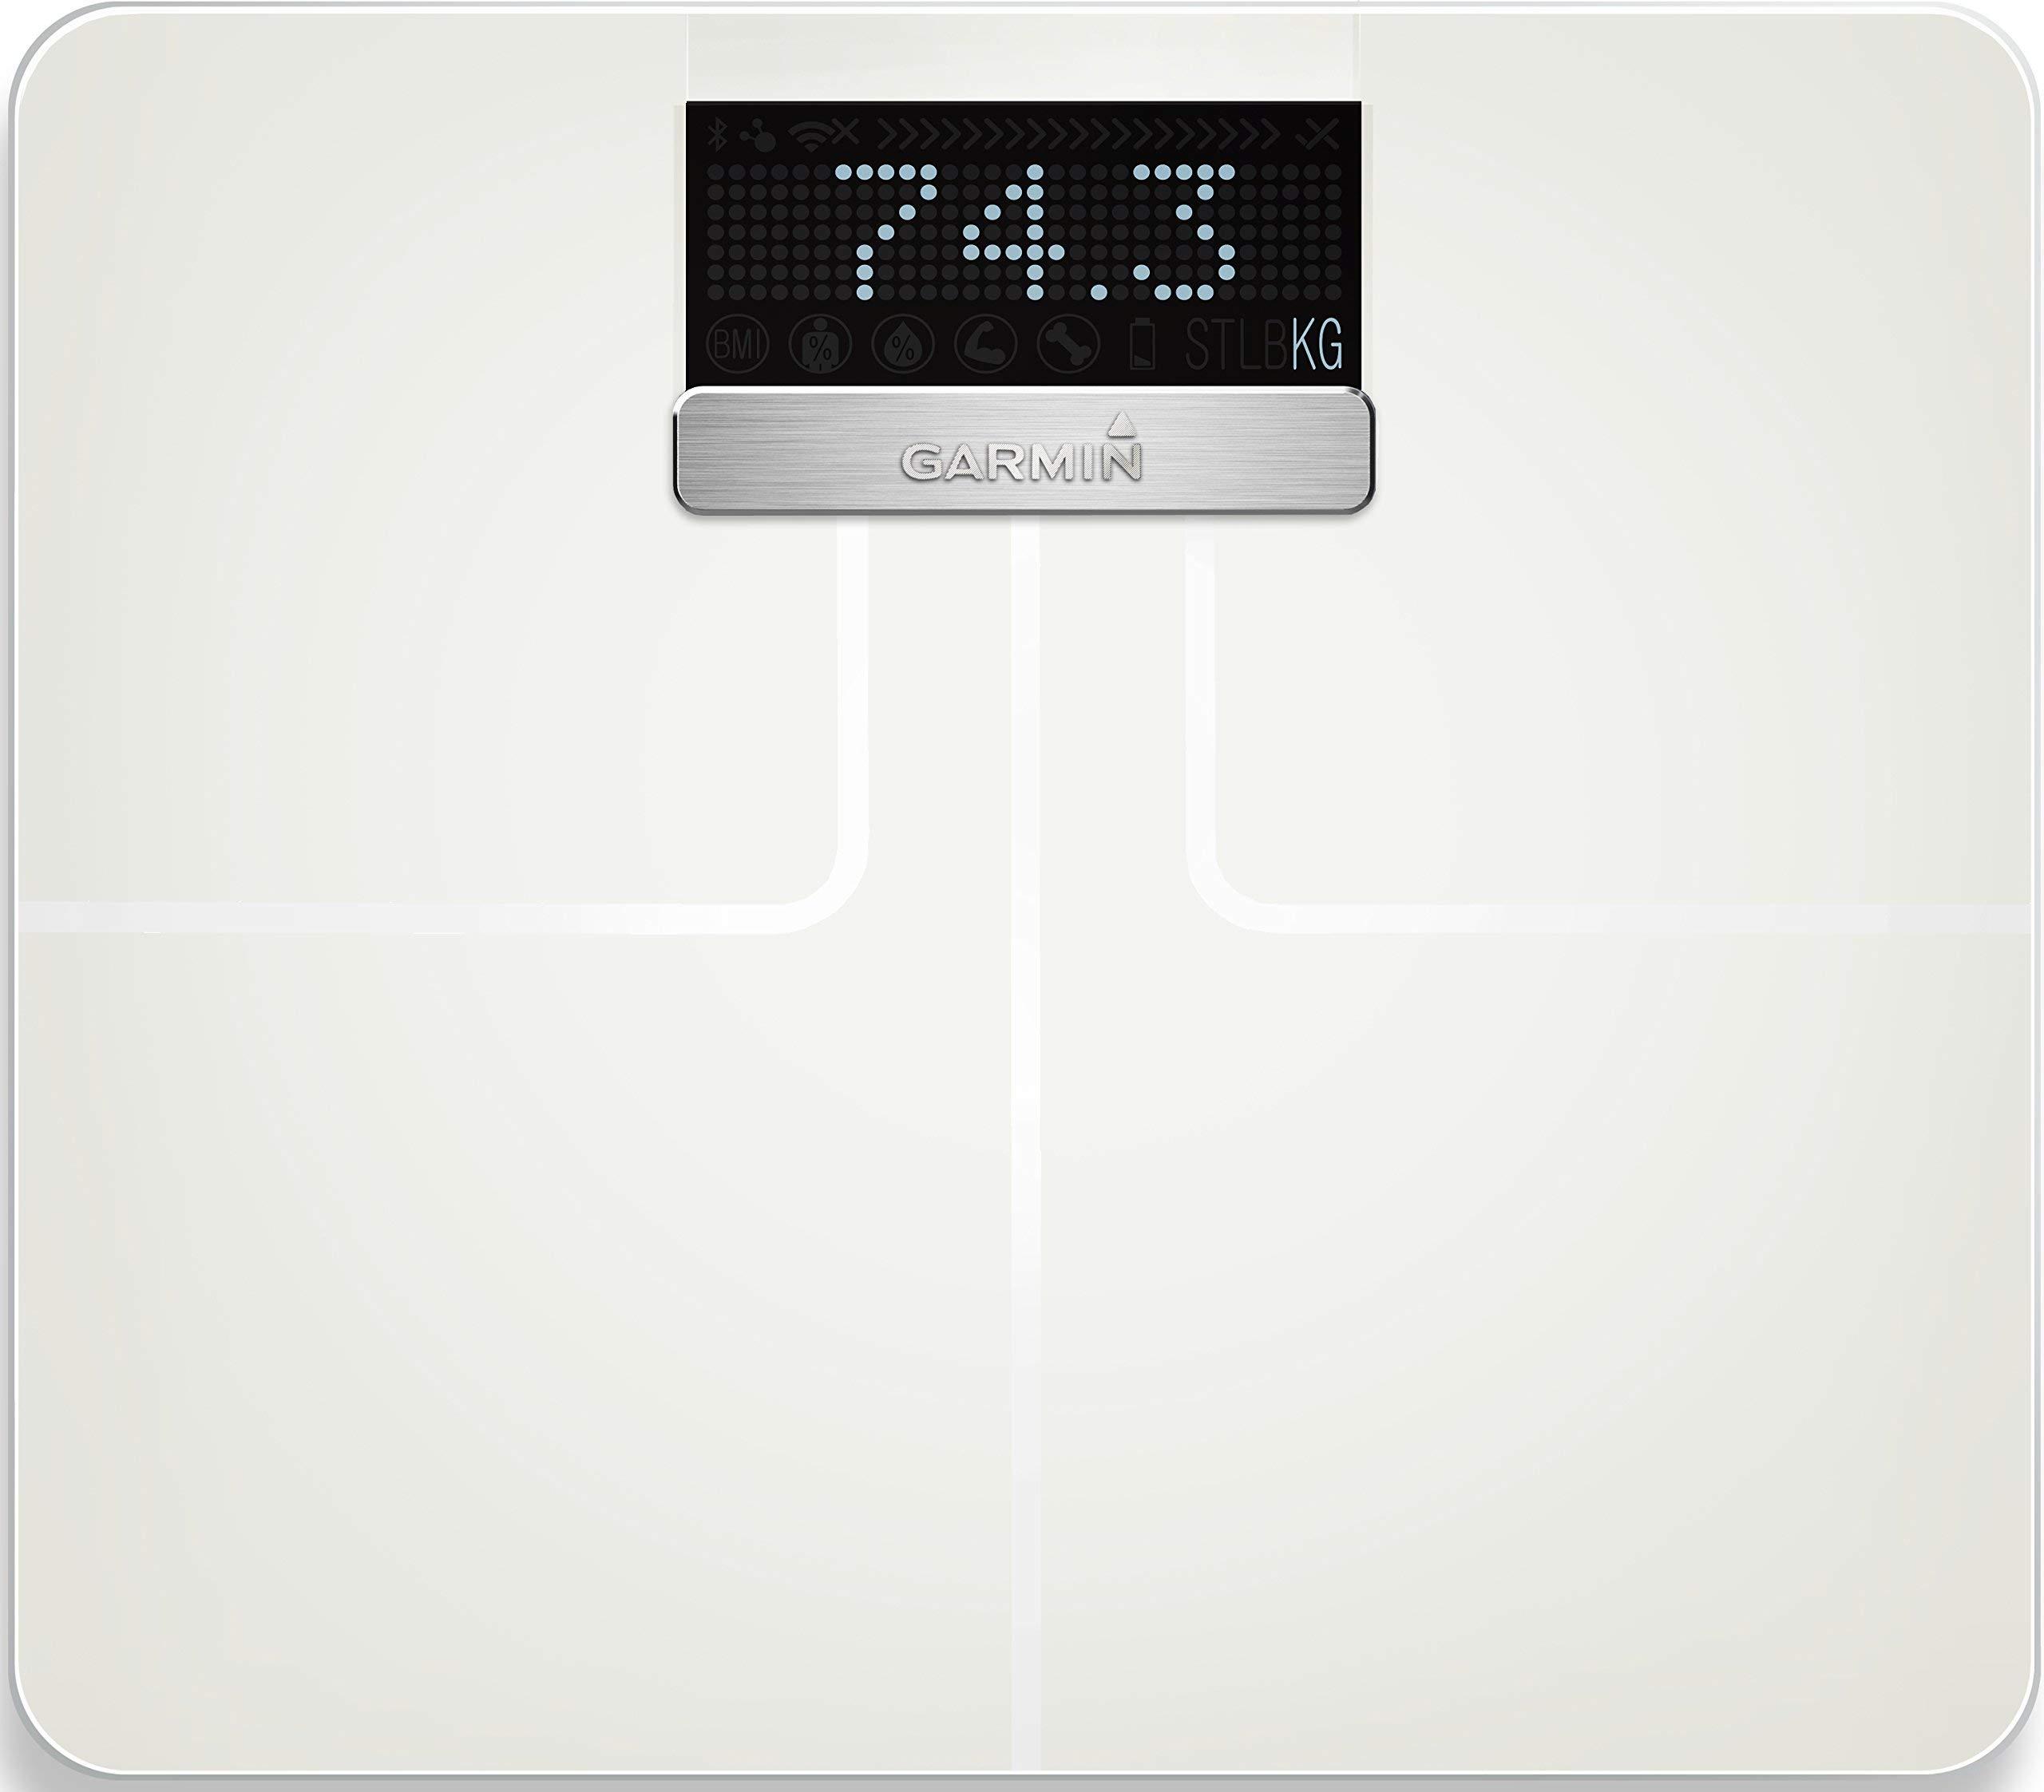 Garmin 010-01591-11 Garmin Index Smart Scale - White International Version (Renewed)